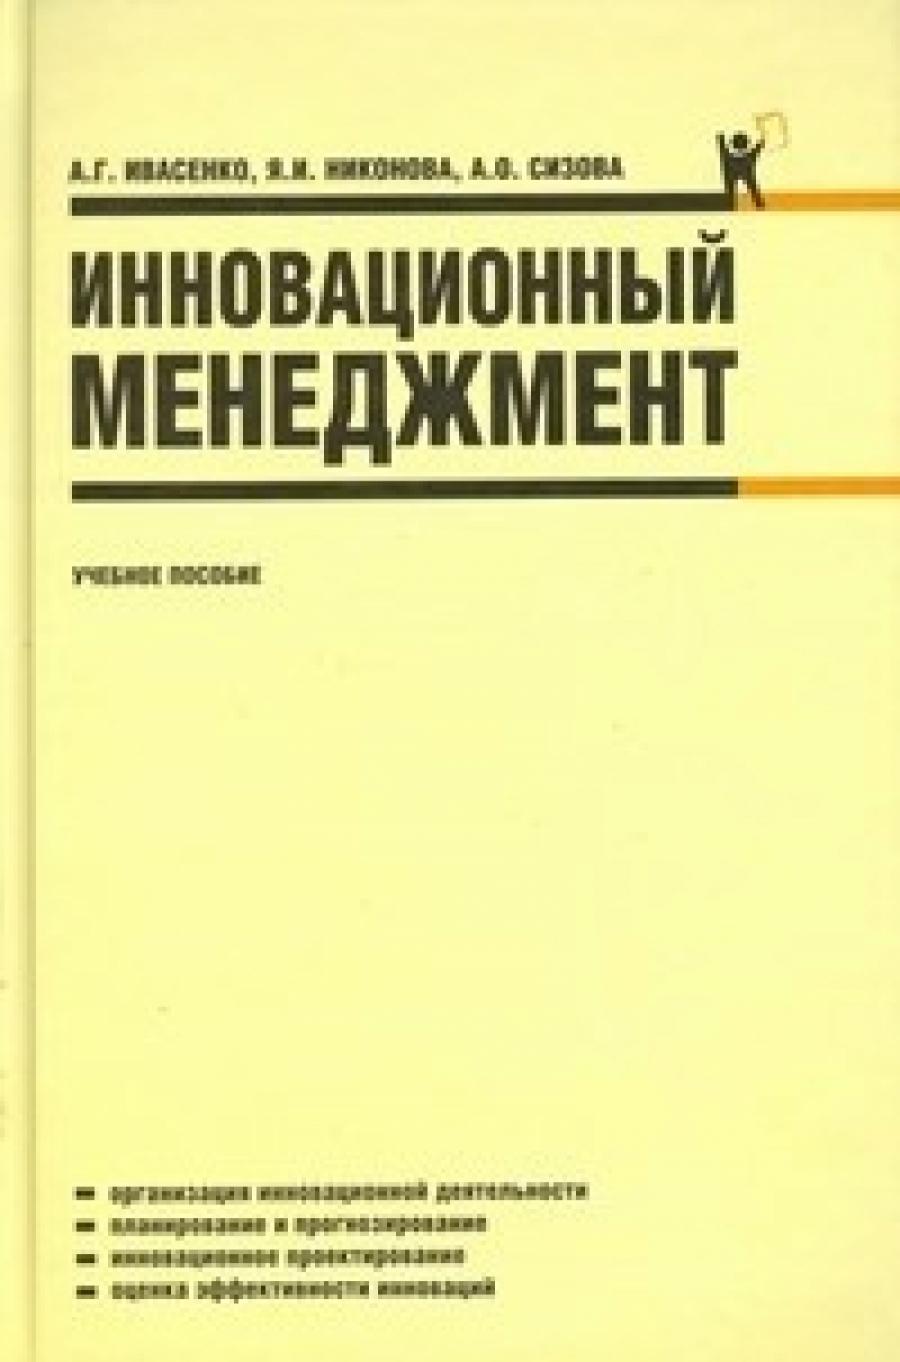 Обложка книги:  а.г. ивасенко, я.и. никонова, а.о. сизова. - инновационный менеджмент